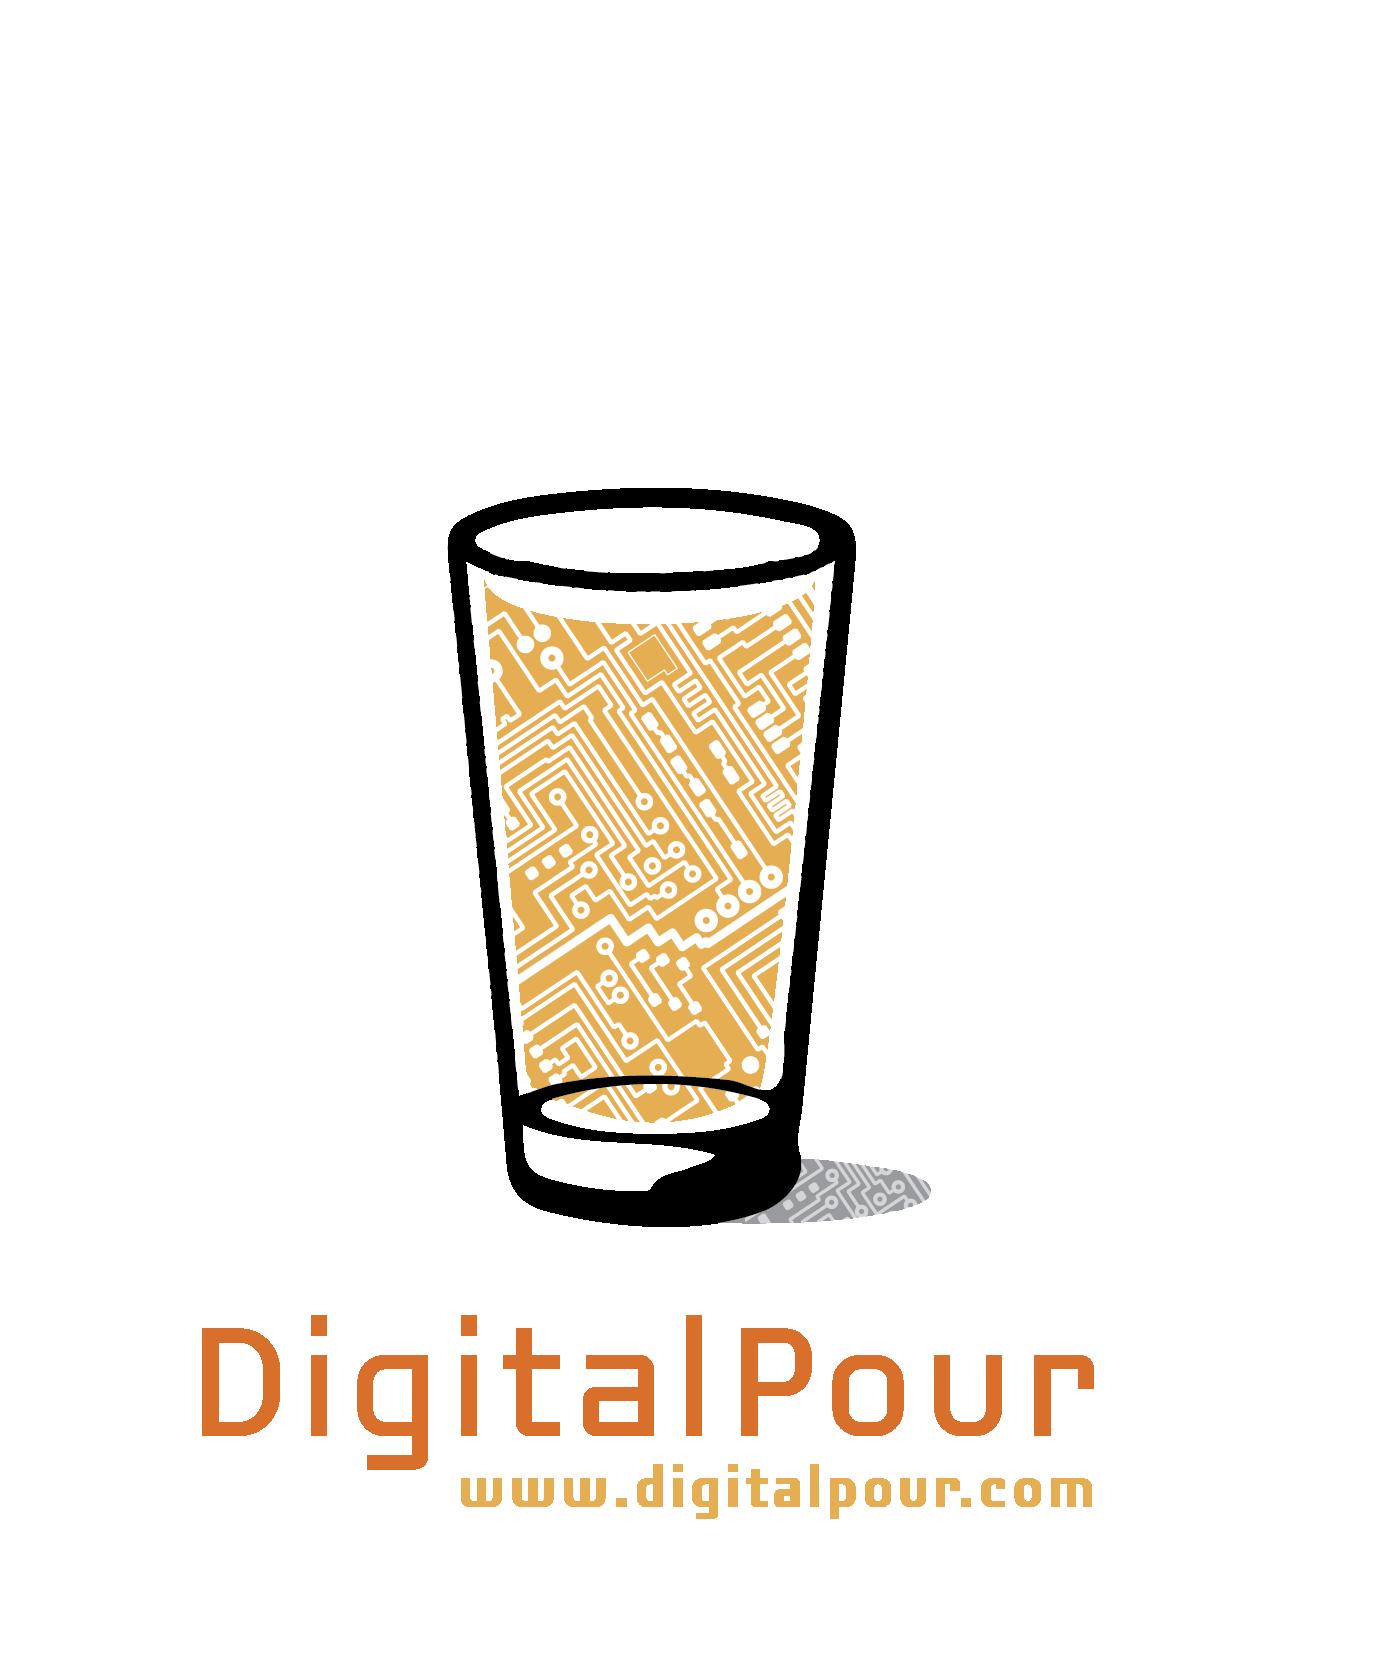 Digital Pour App